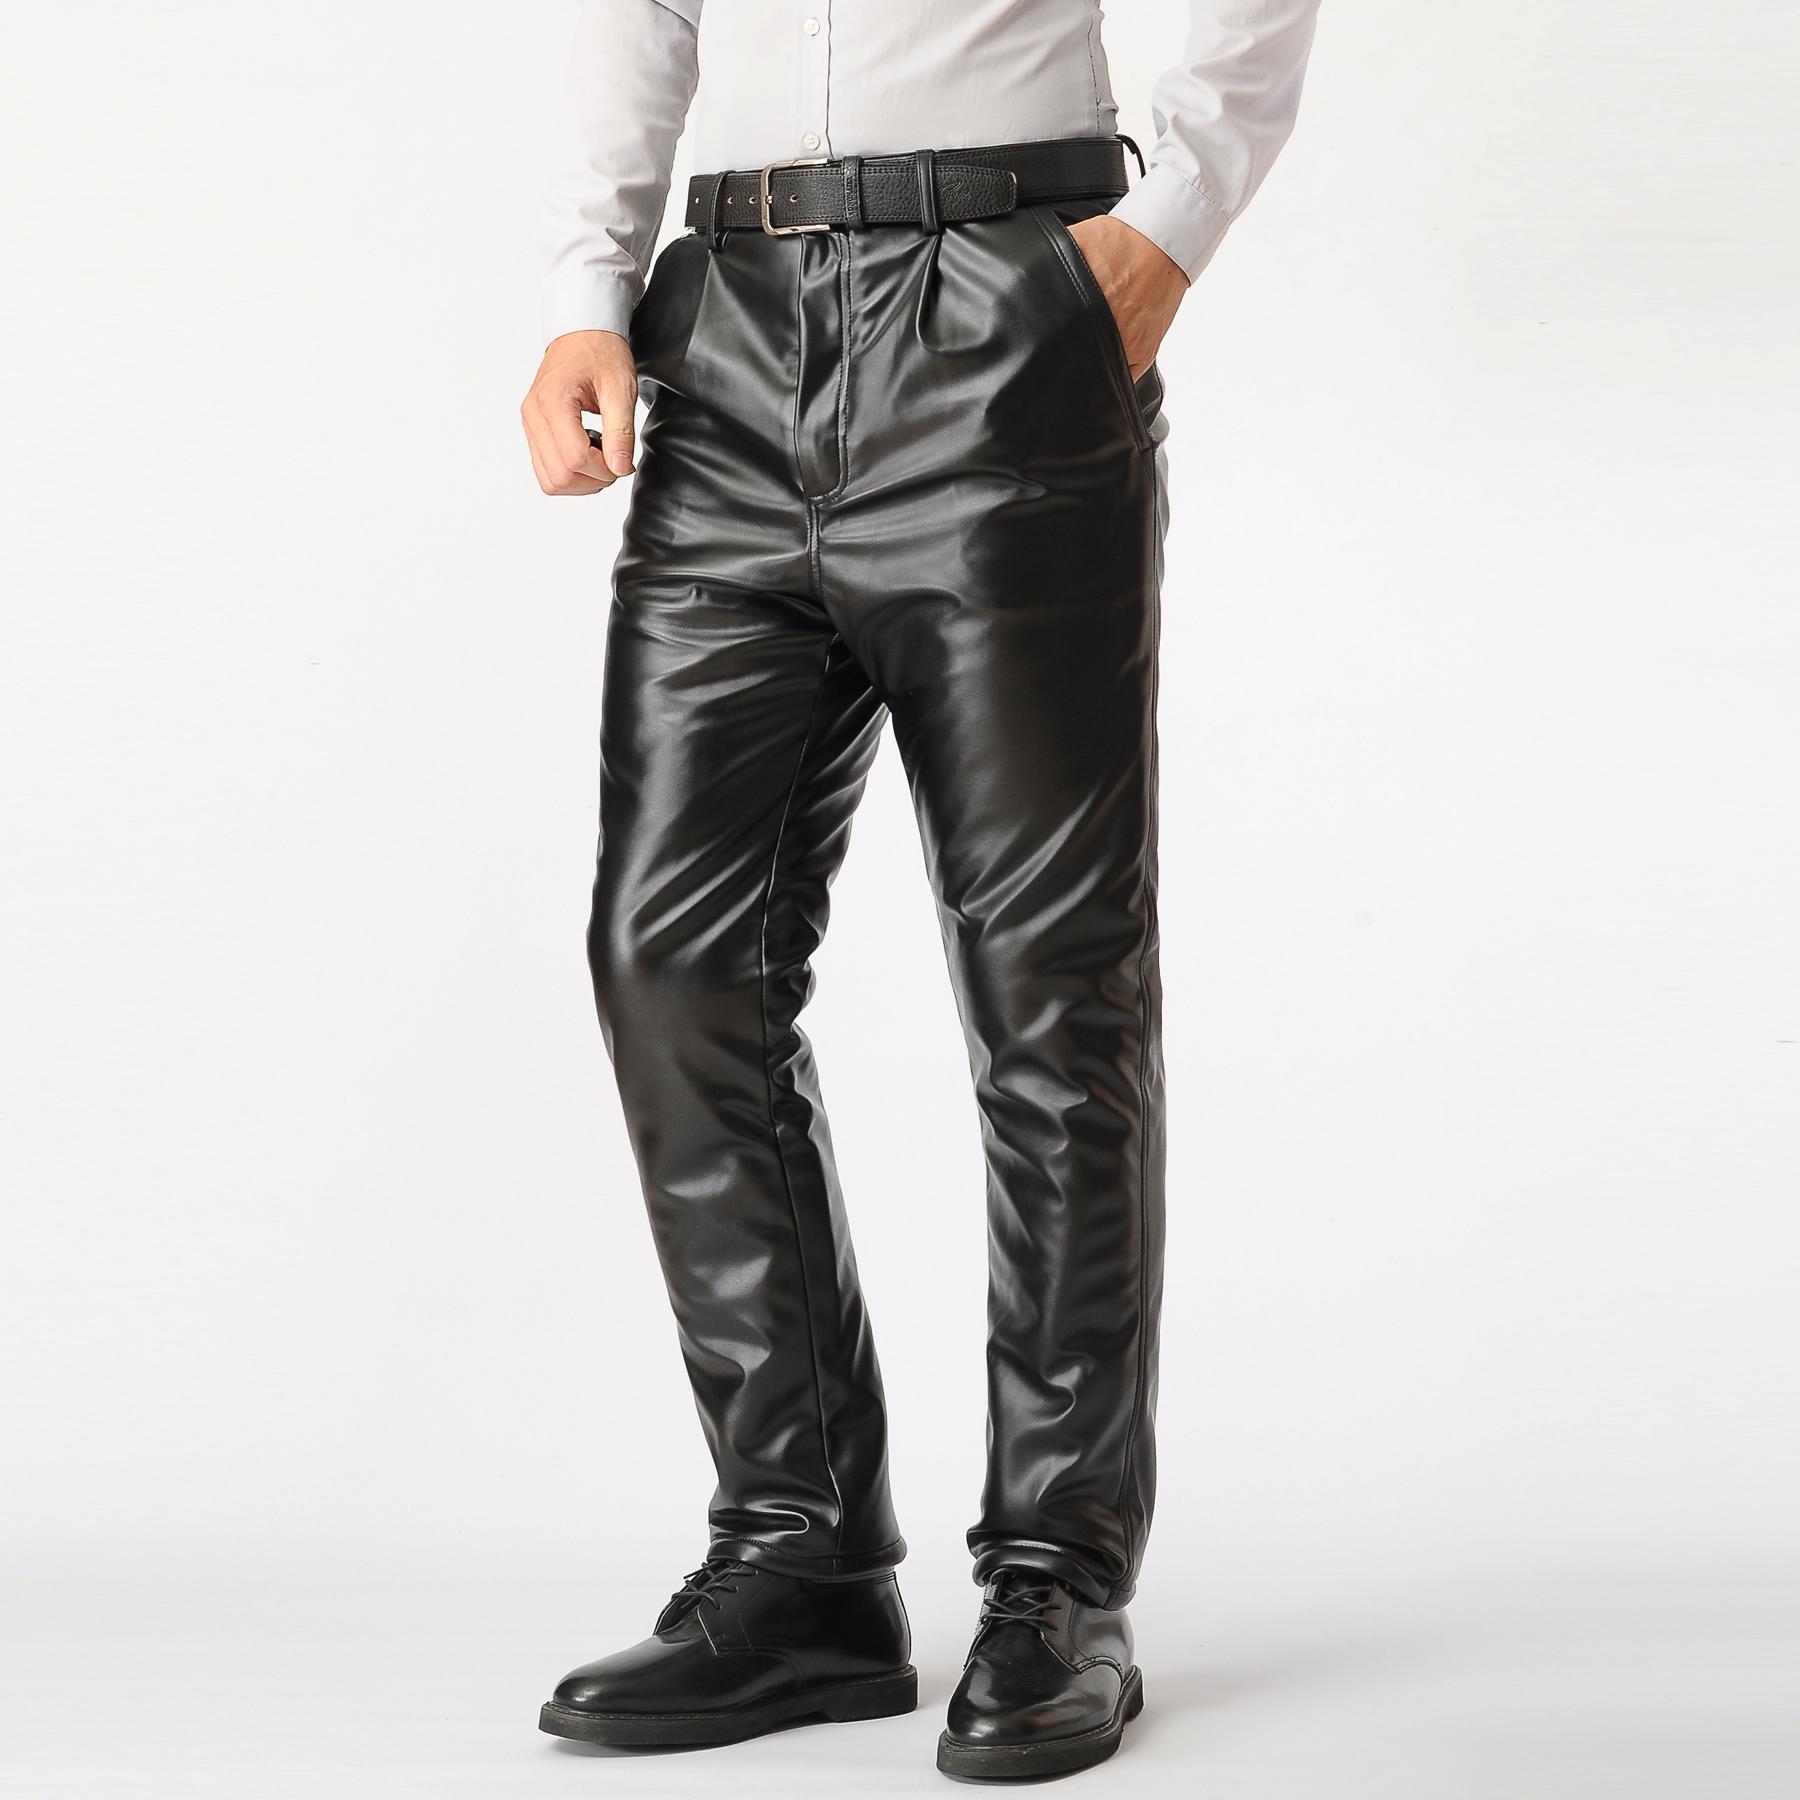 男士皮裤男加绒加厚摩托车防风防水中老年秋冬季保暖棉裤宽松大码